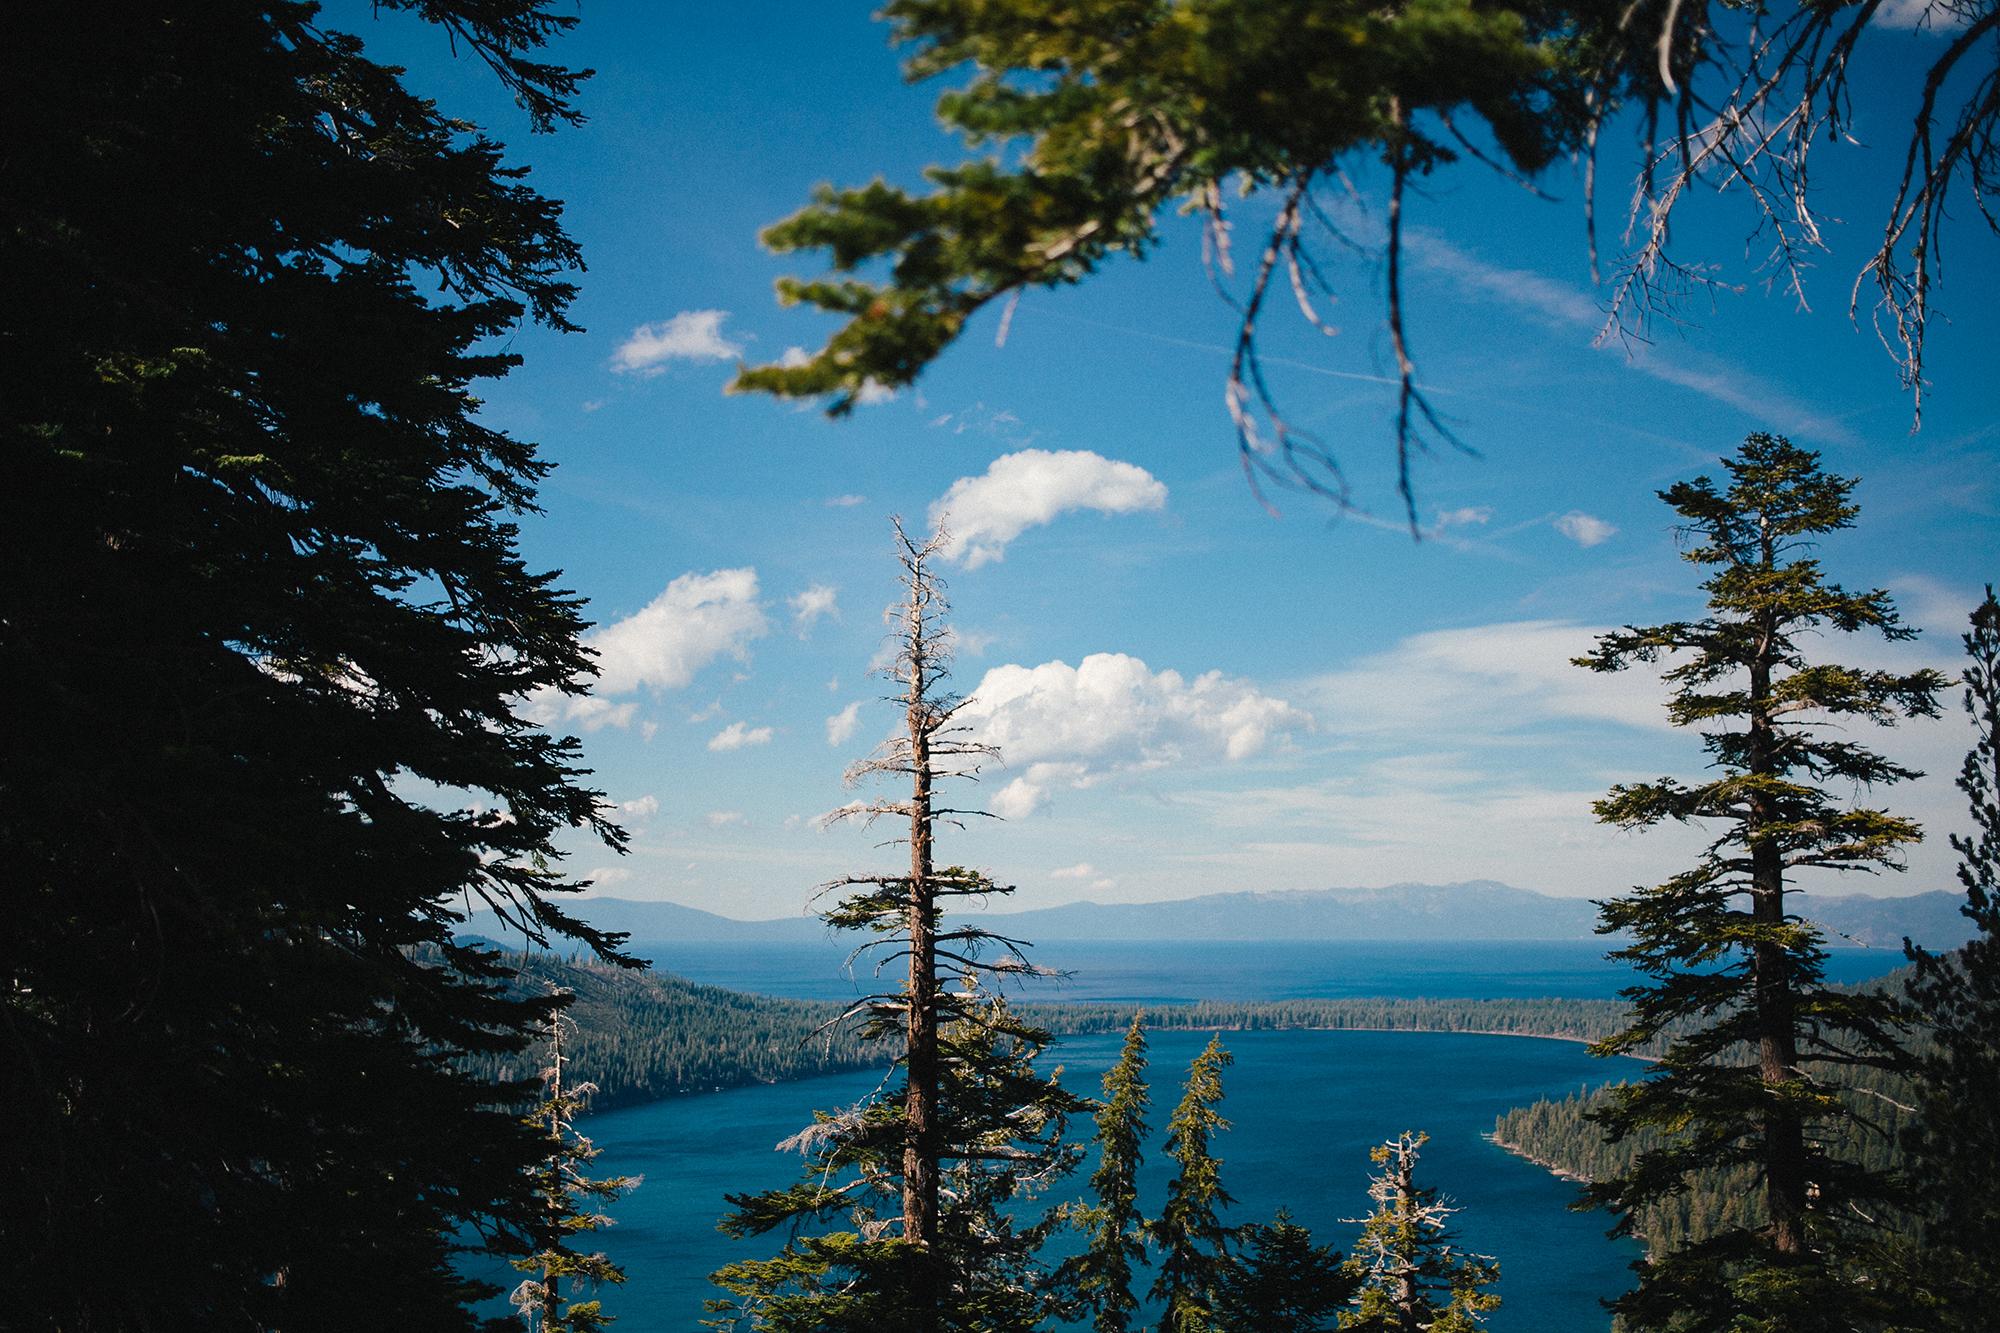 2015.04.12-20_ honeymoon lake tahoe _lemon-321.jpg